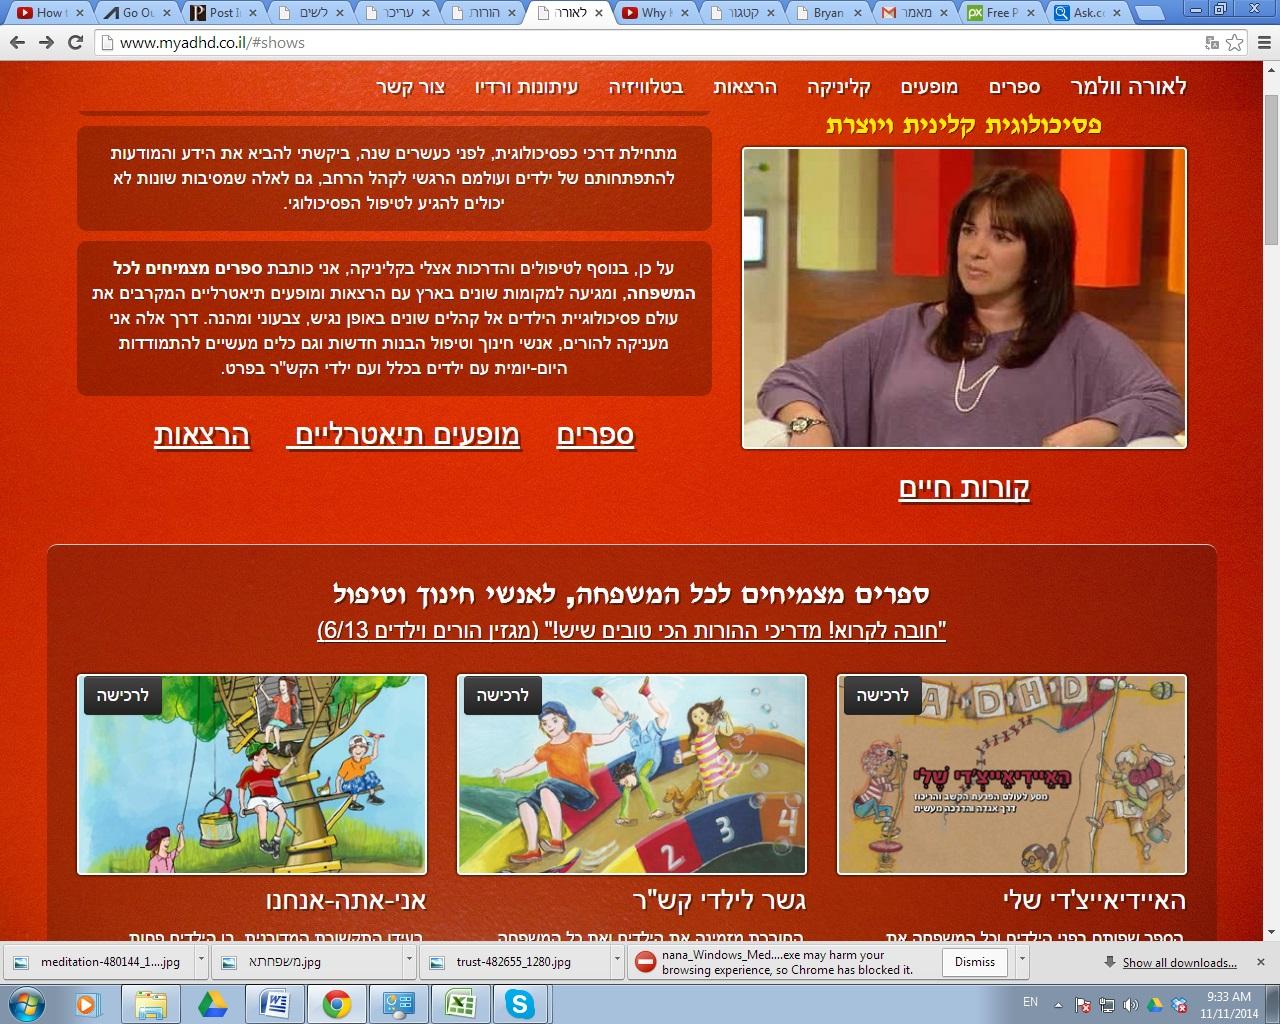 דף מהאתר של לאורה כולל וידאו ותמונה שלה